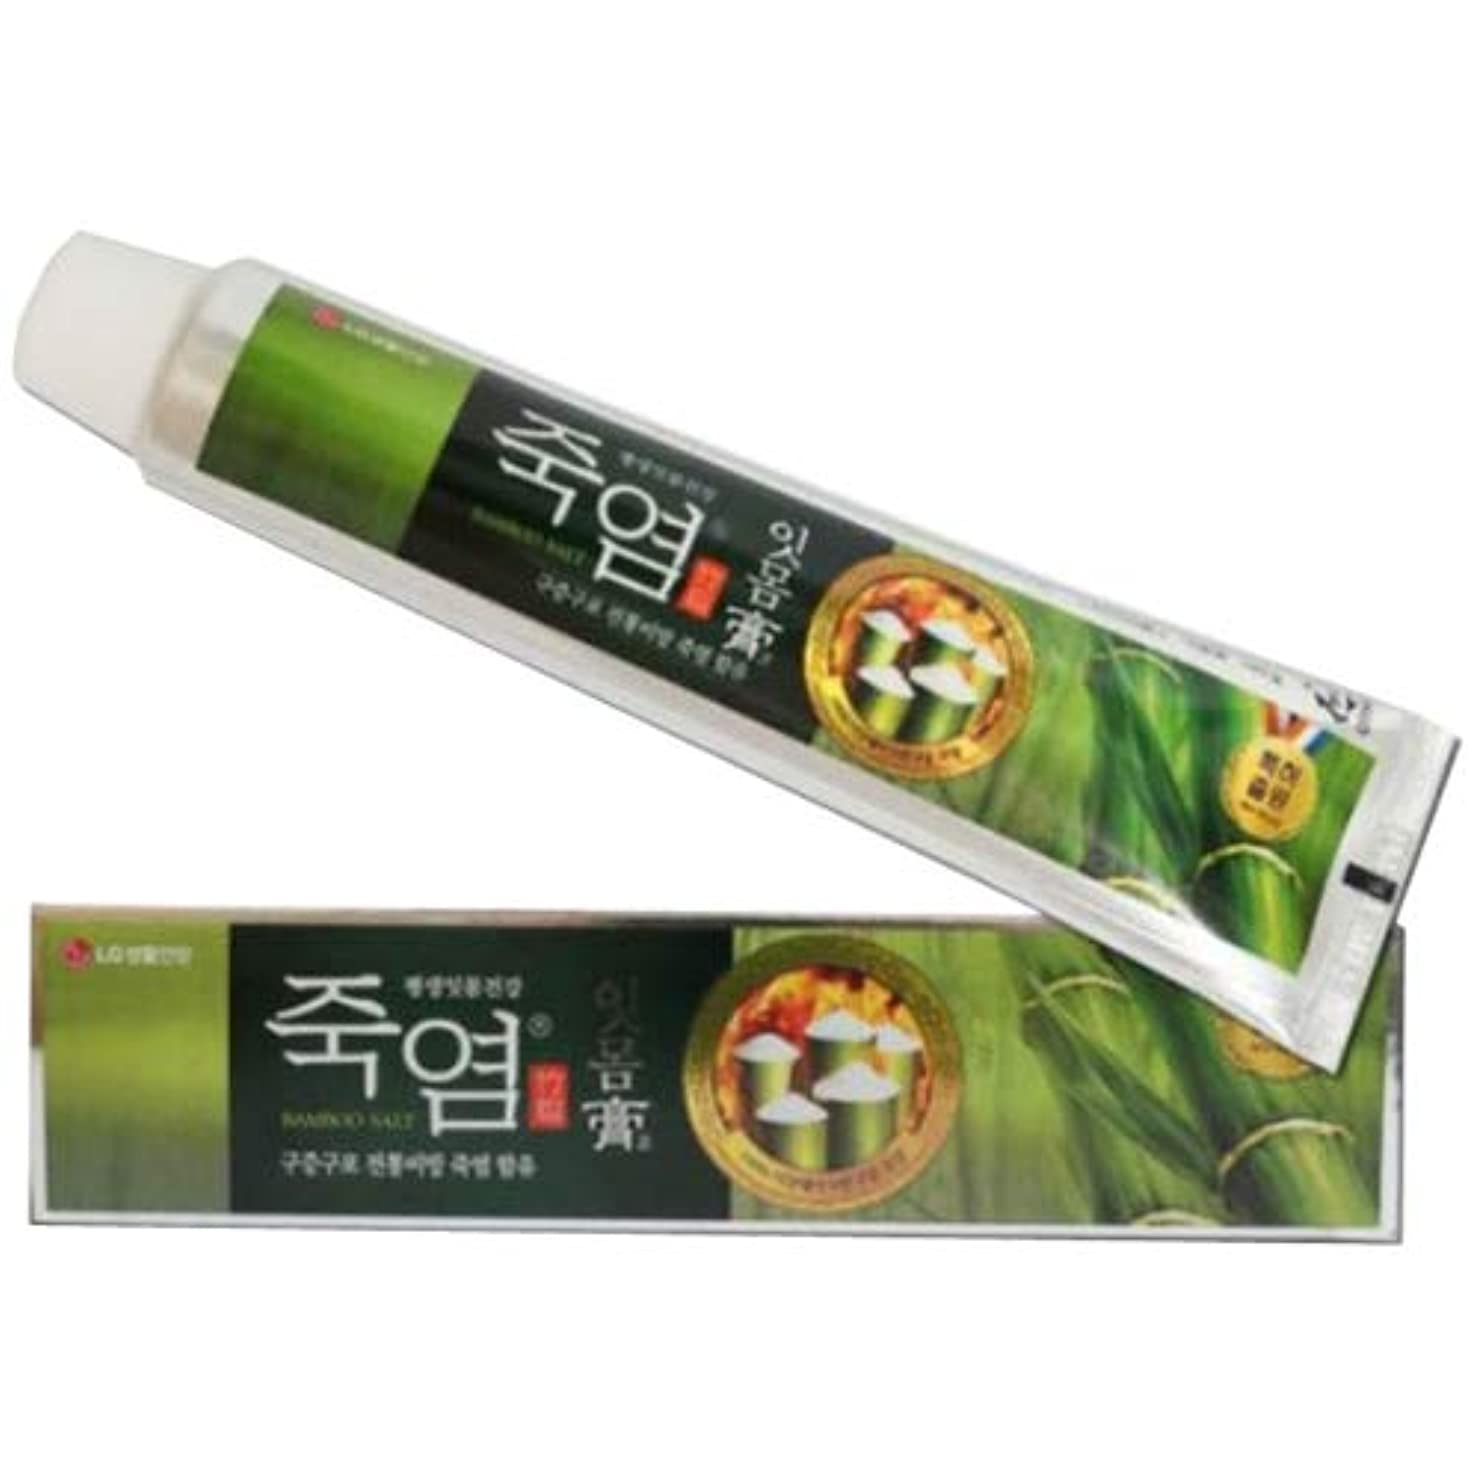 キルスとは異なり熱心[LG Care/LG生活健康]竹塩歯磨き粉つぶれて歯茎を健康に120g x1EA 歯磨きセットスペシャル?リミテッドToothpaste Set Special Limited Korea